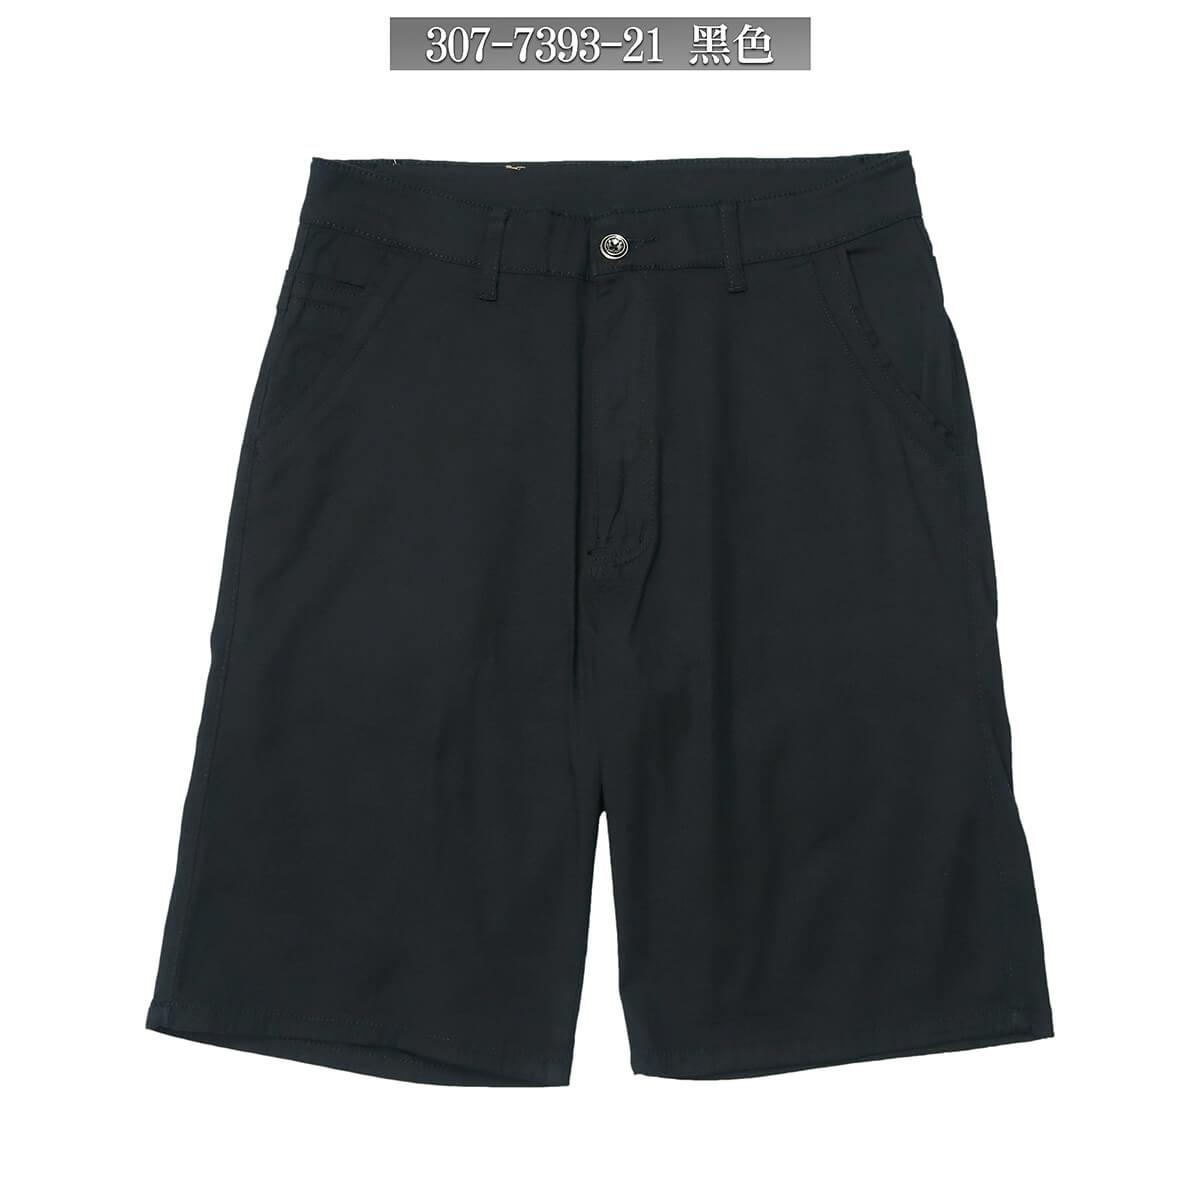 休閒短褲 涼爽輕薄短褲 素面短褲 彈性短褲 透氣棉質短褲 五分褲 黑色短褲 Mens Shorts Casual Shorts Short Pants (307-7393-21)黑色、(307-739